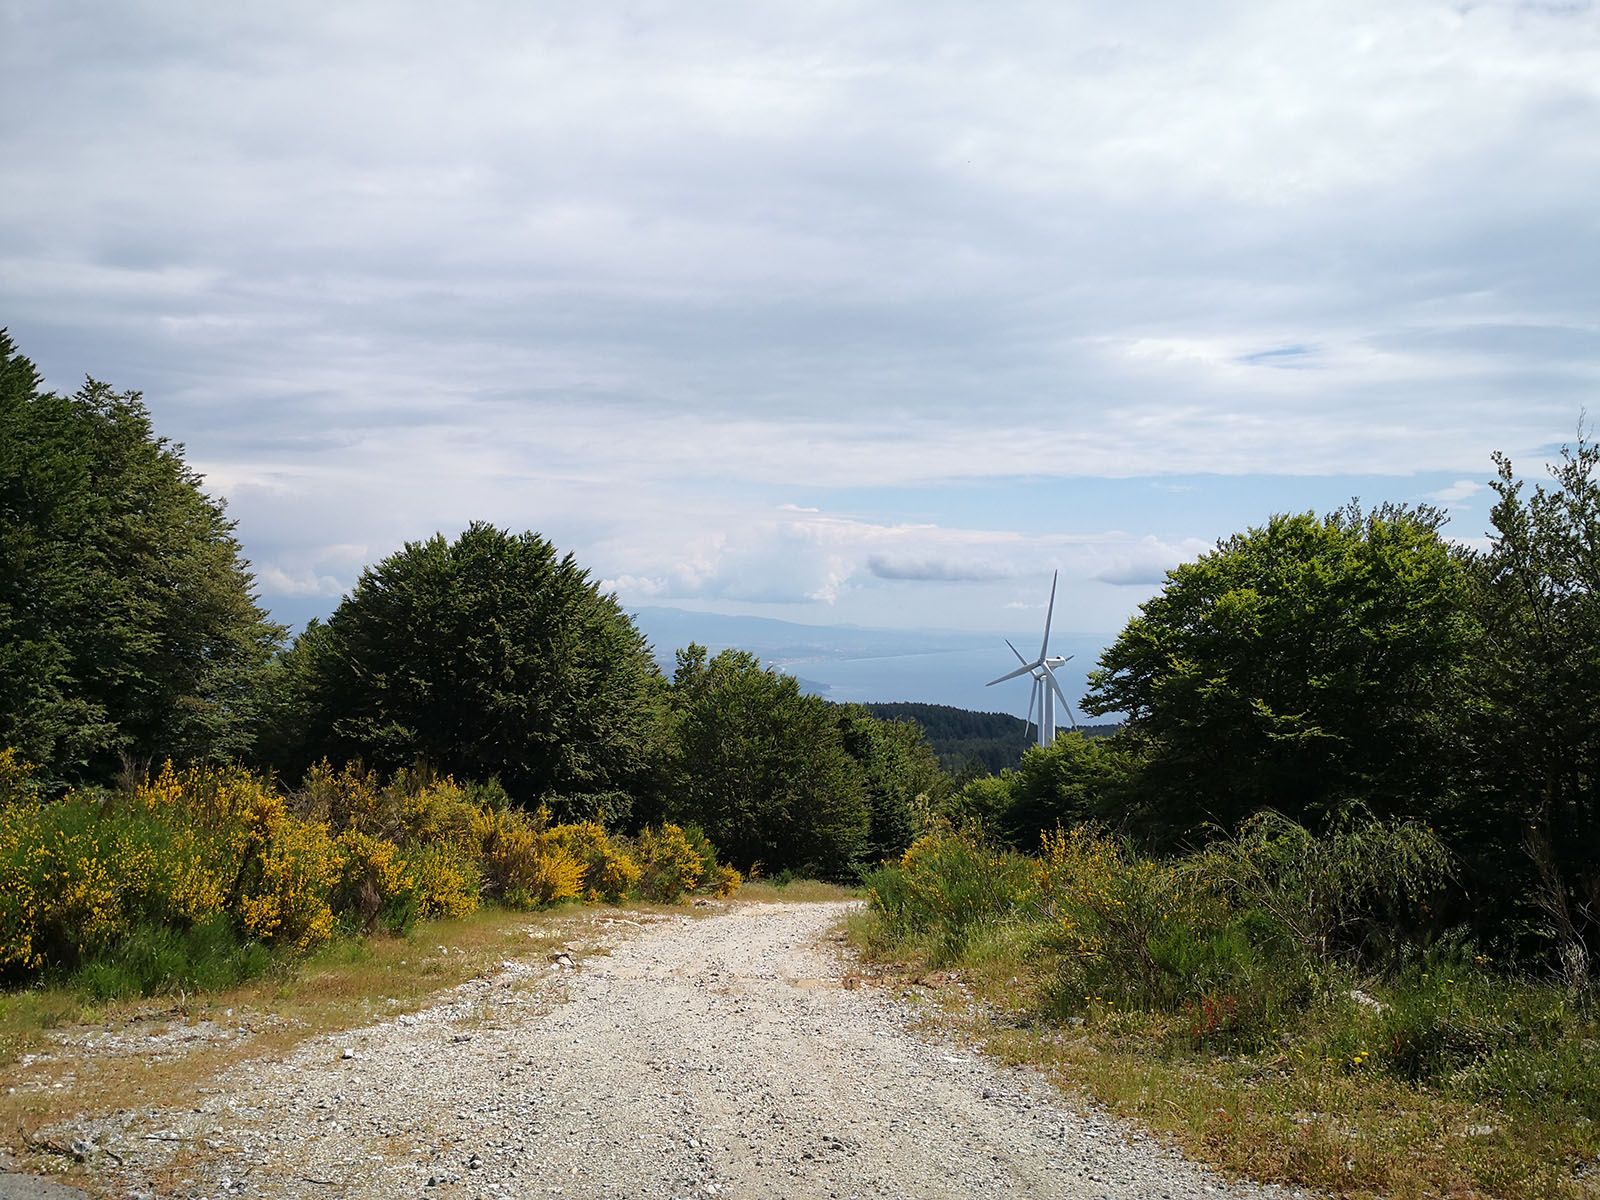 Parco eolico e sullo sfondo Baia di Soverato e Golfo di Squillace